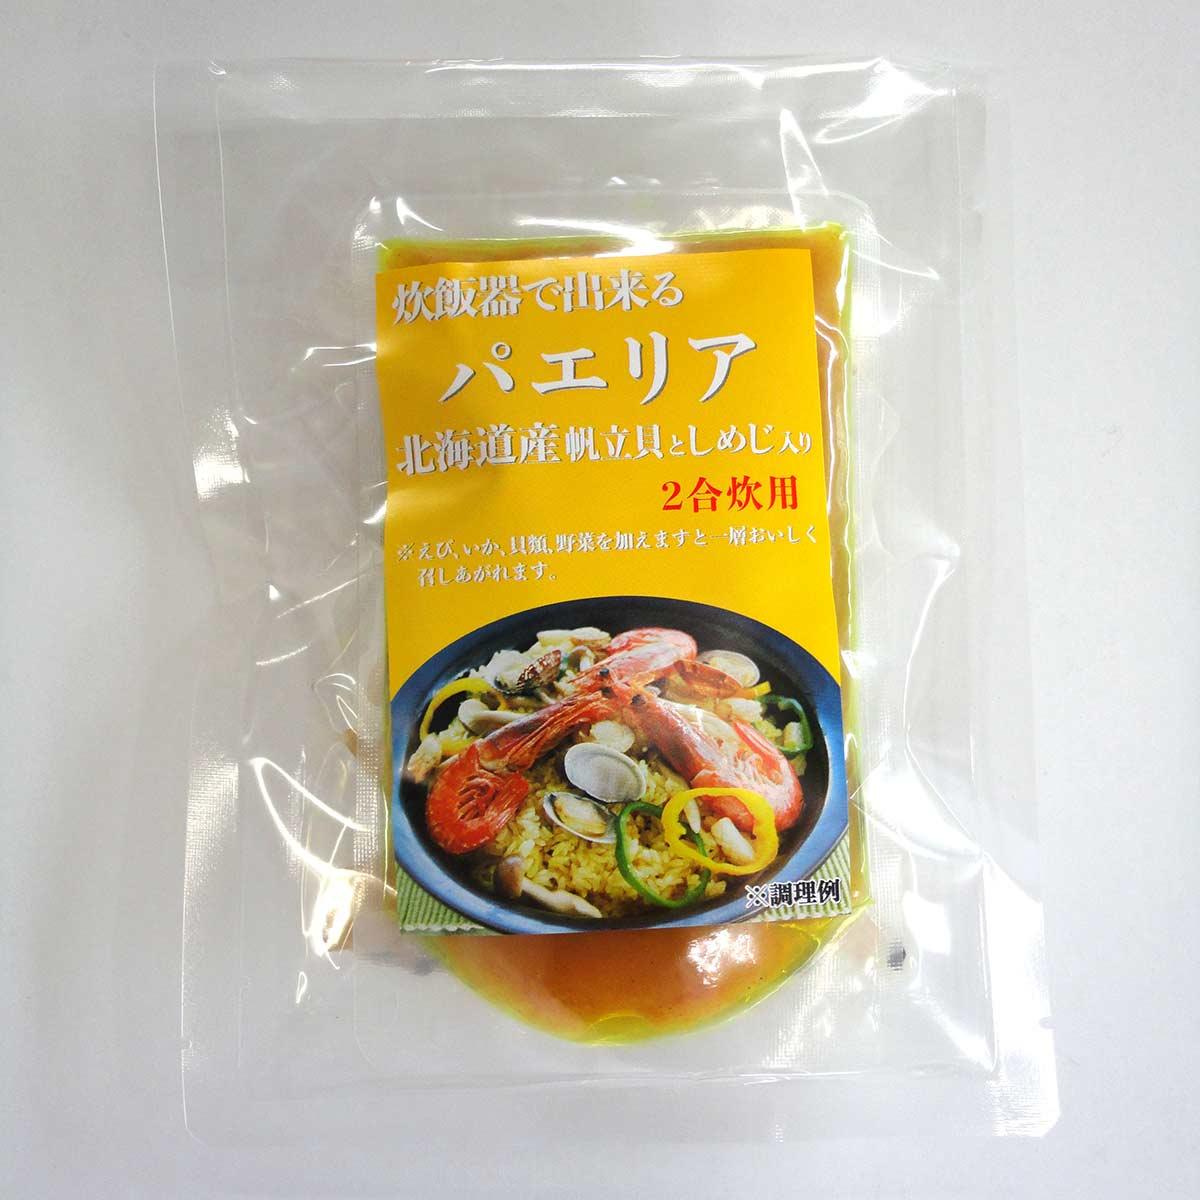 【中水食品工業】パエリア 4袋セット